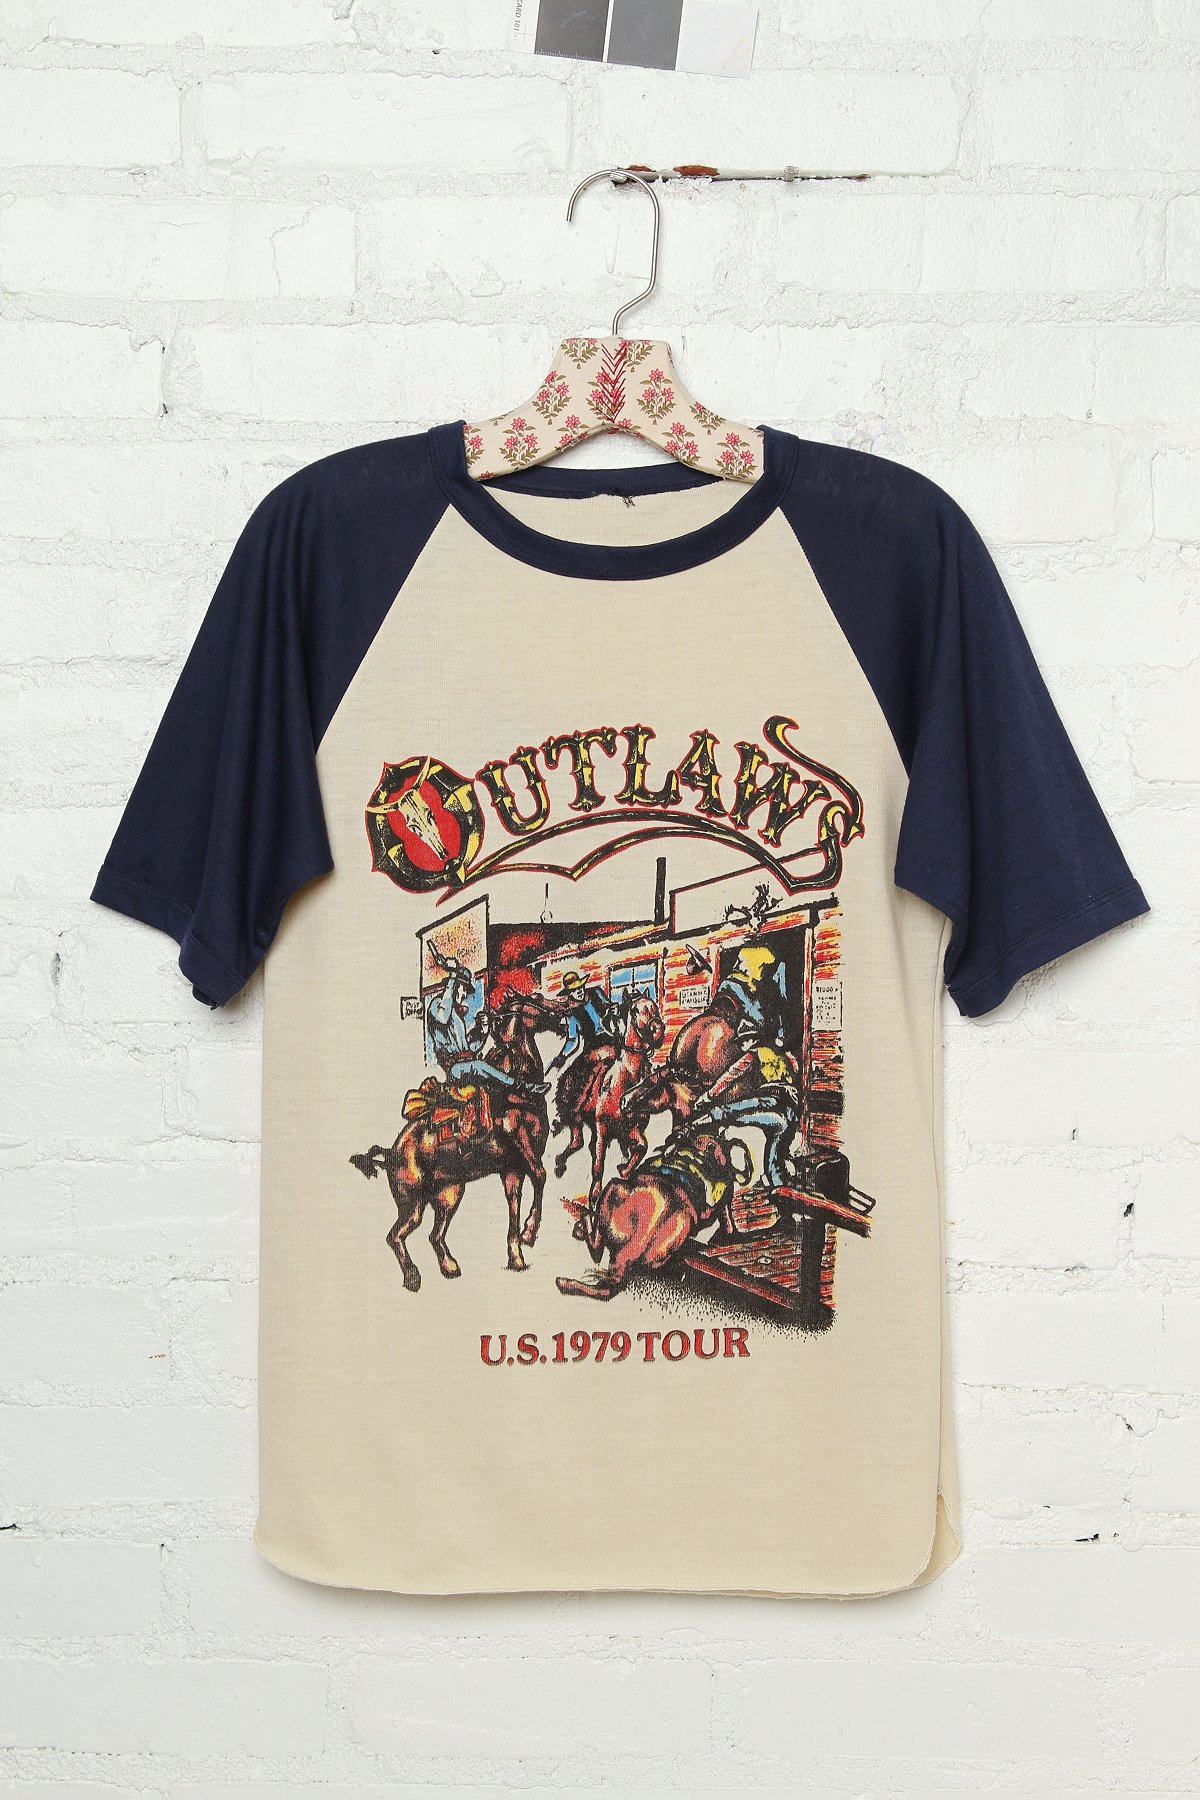 Vintage Outlaws 1979 U.S. Tour Tee